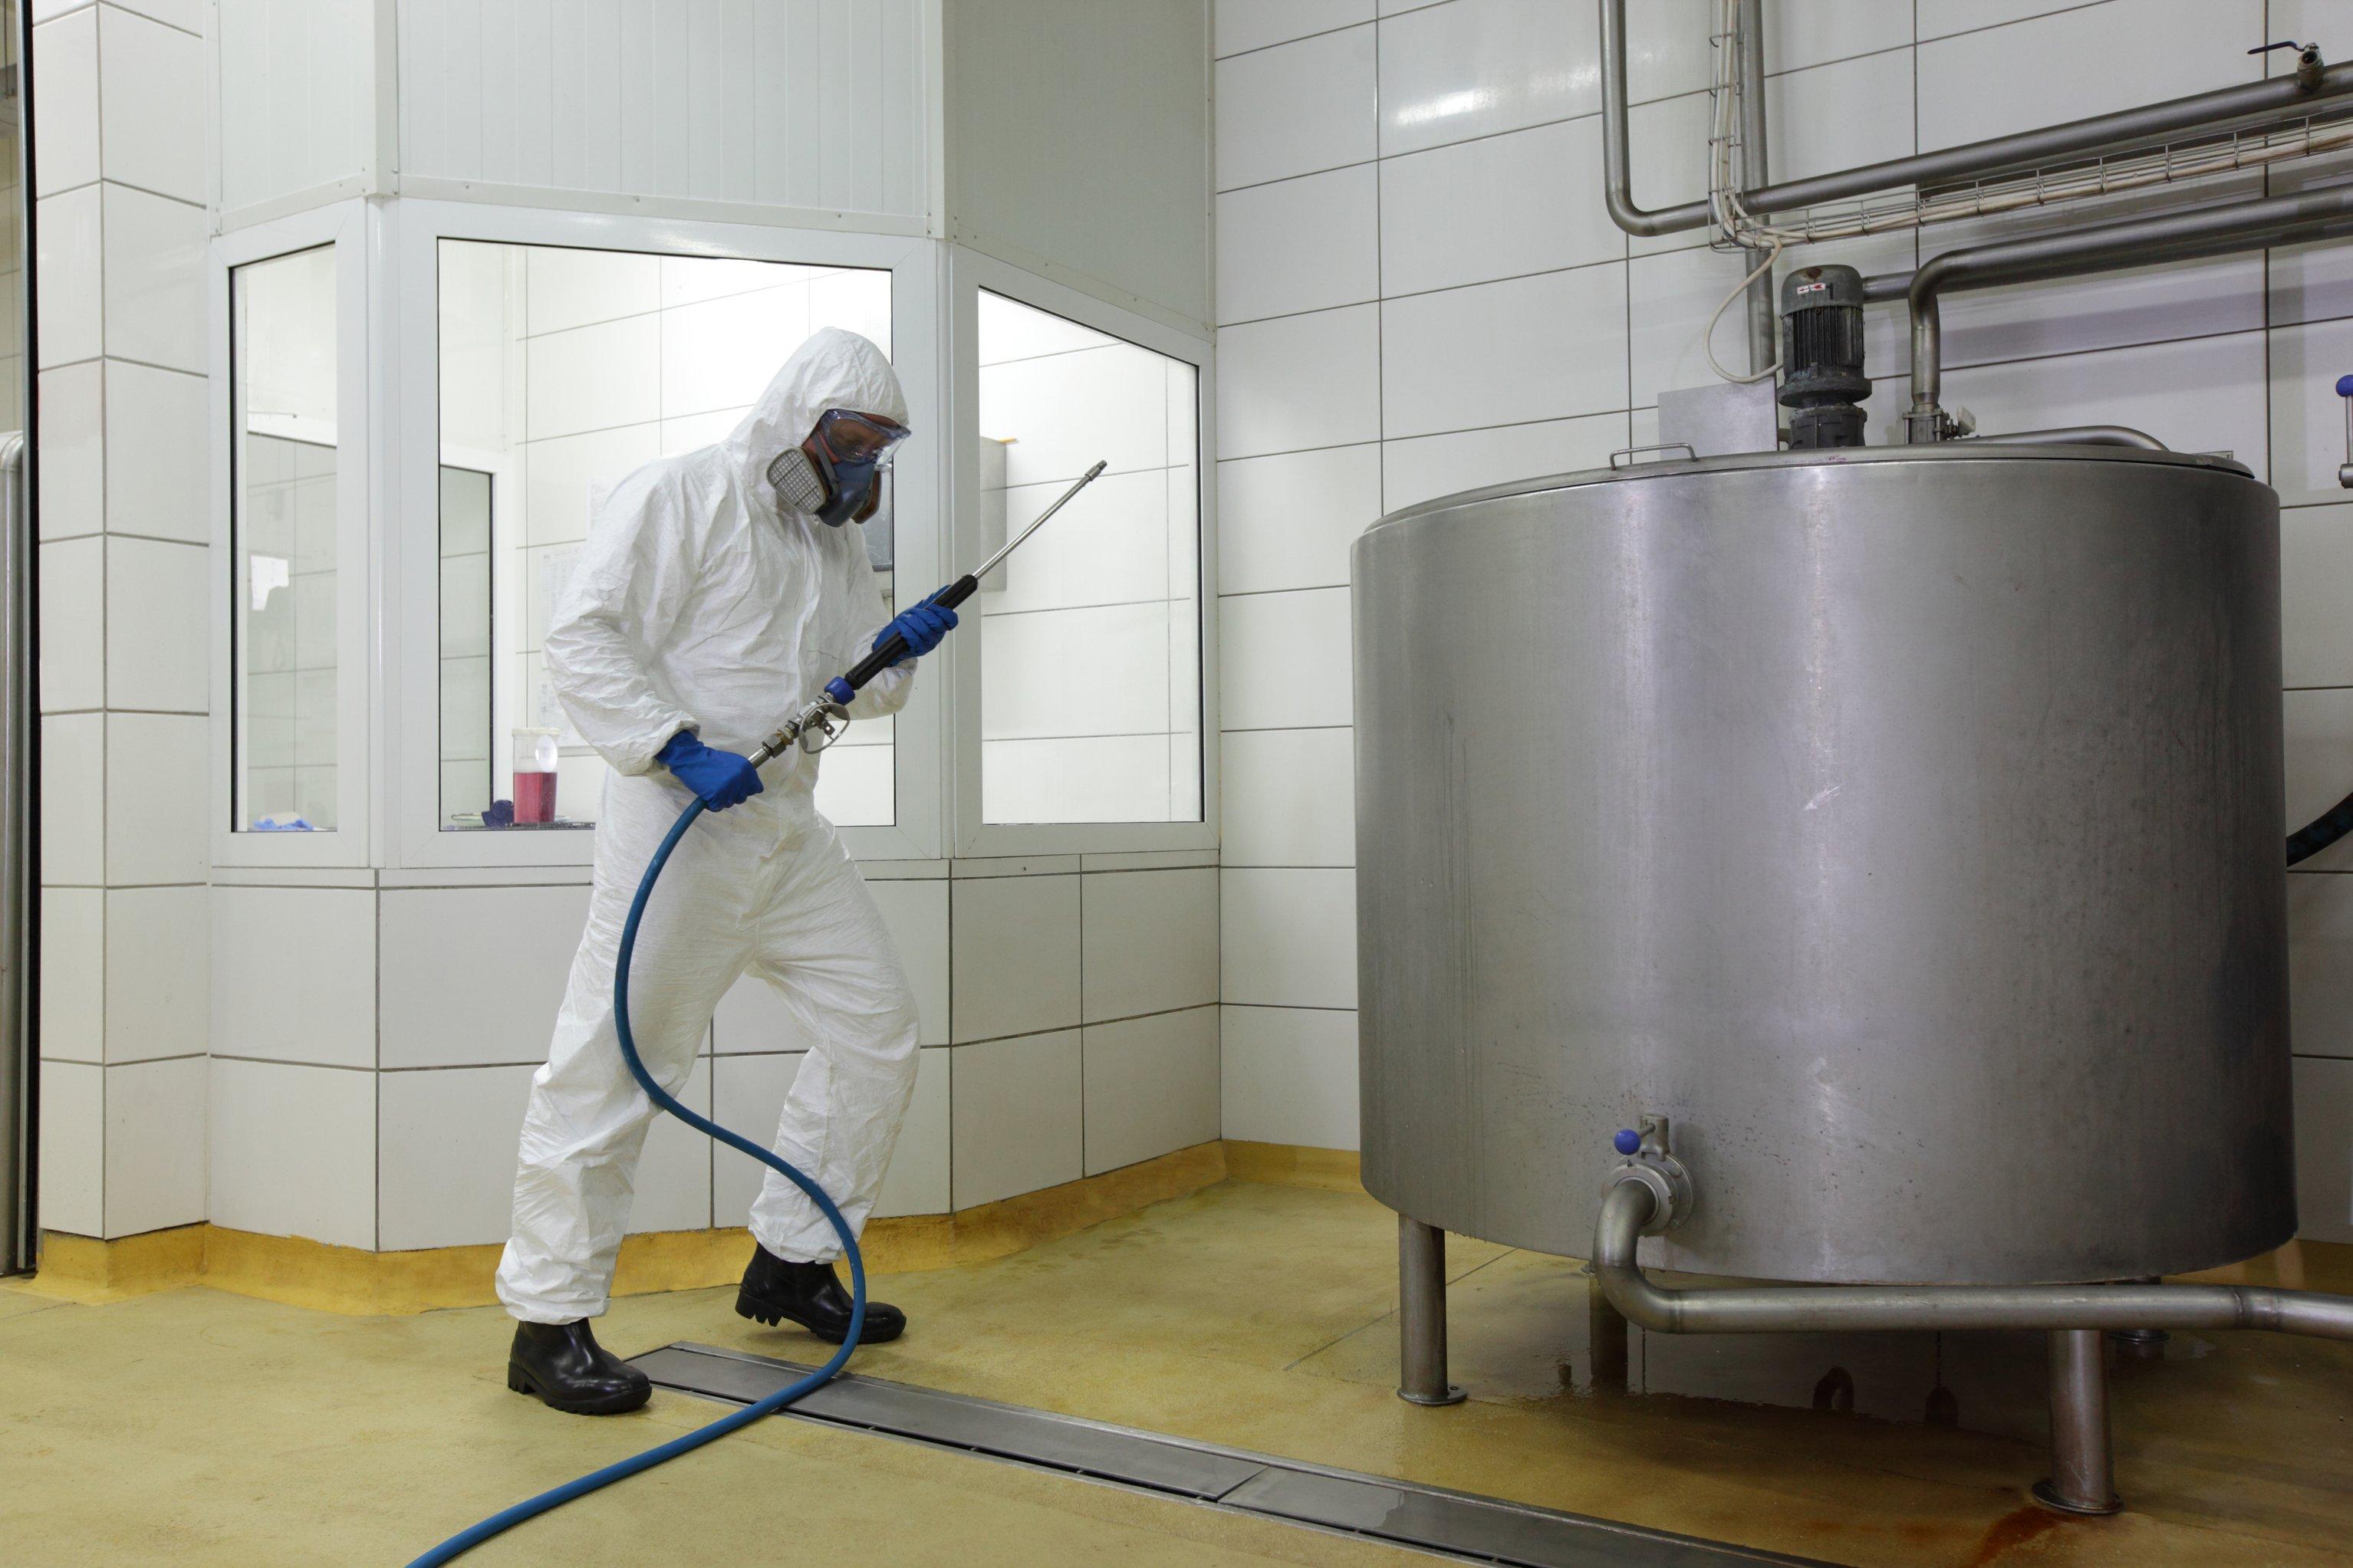 Stockfoto: Calvatis Reinigung und Desinfektion von Oberflächen - @ istock / endopack